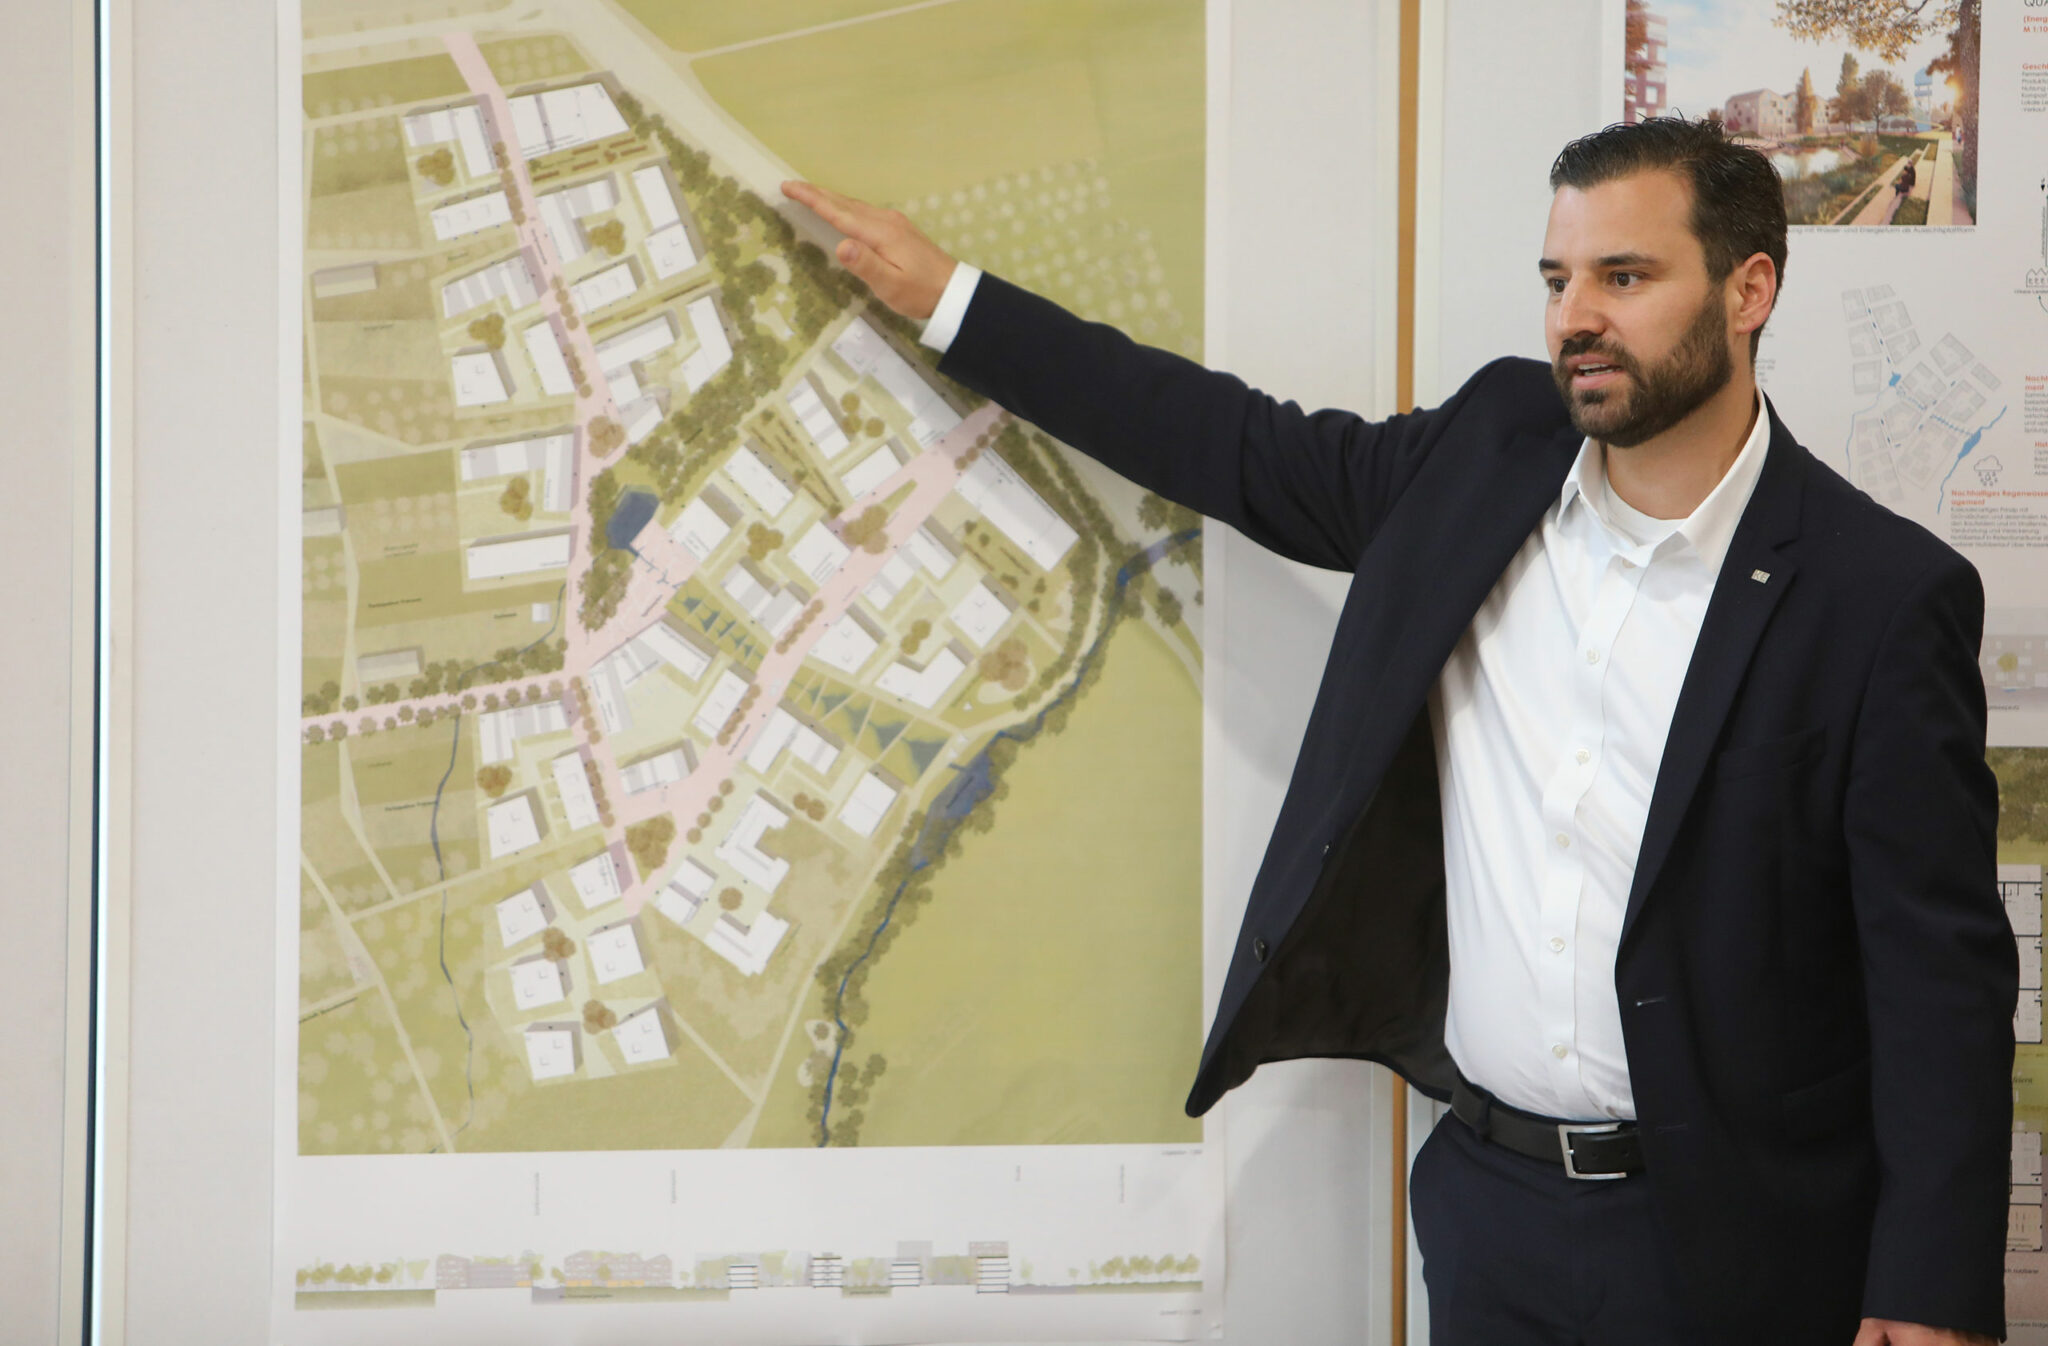 Vorstellung des städtebaulichen Entwurfs für die Hangweide / Kernen im Remstal (Bild: Alexandra Palmizi)